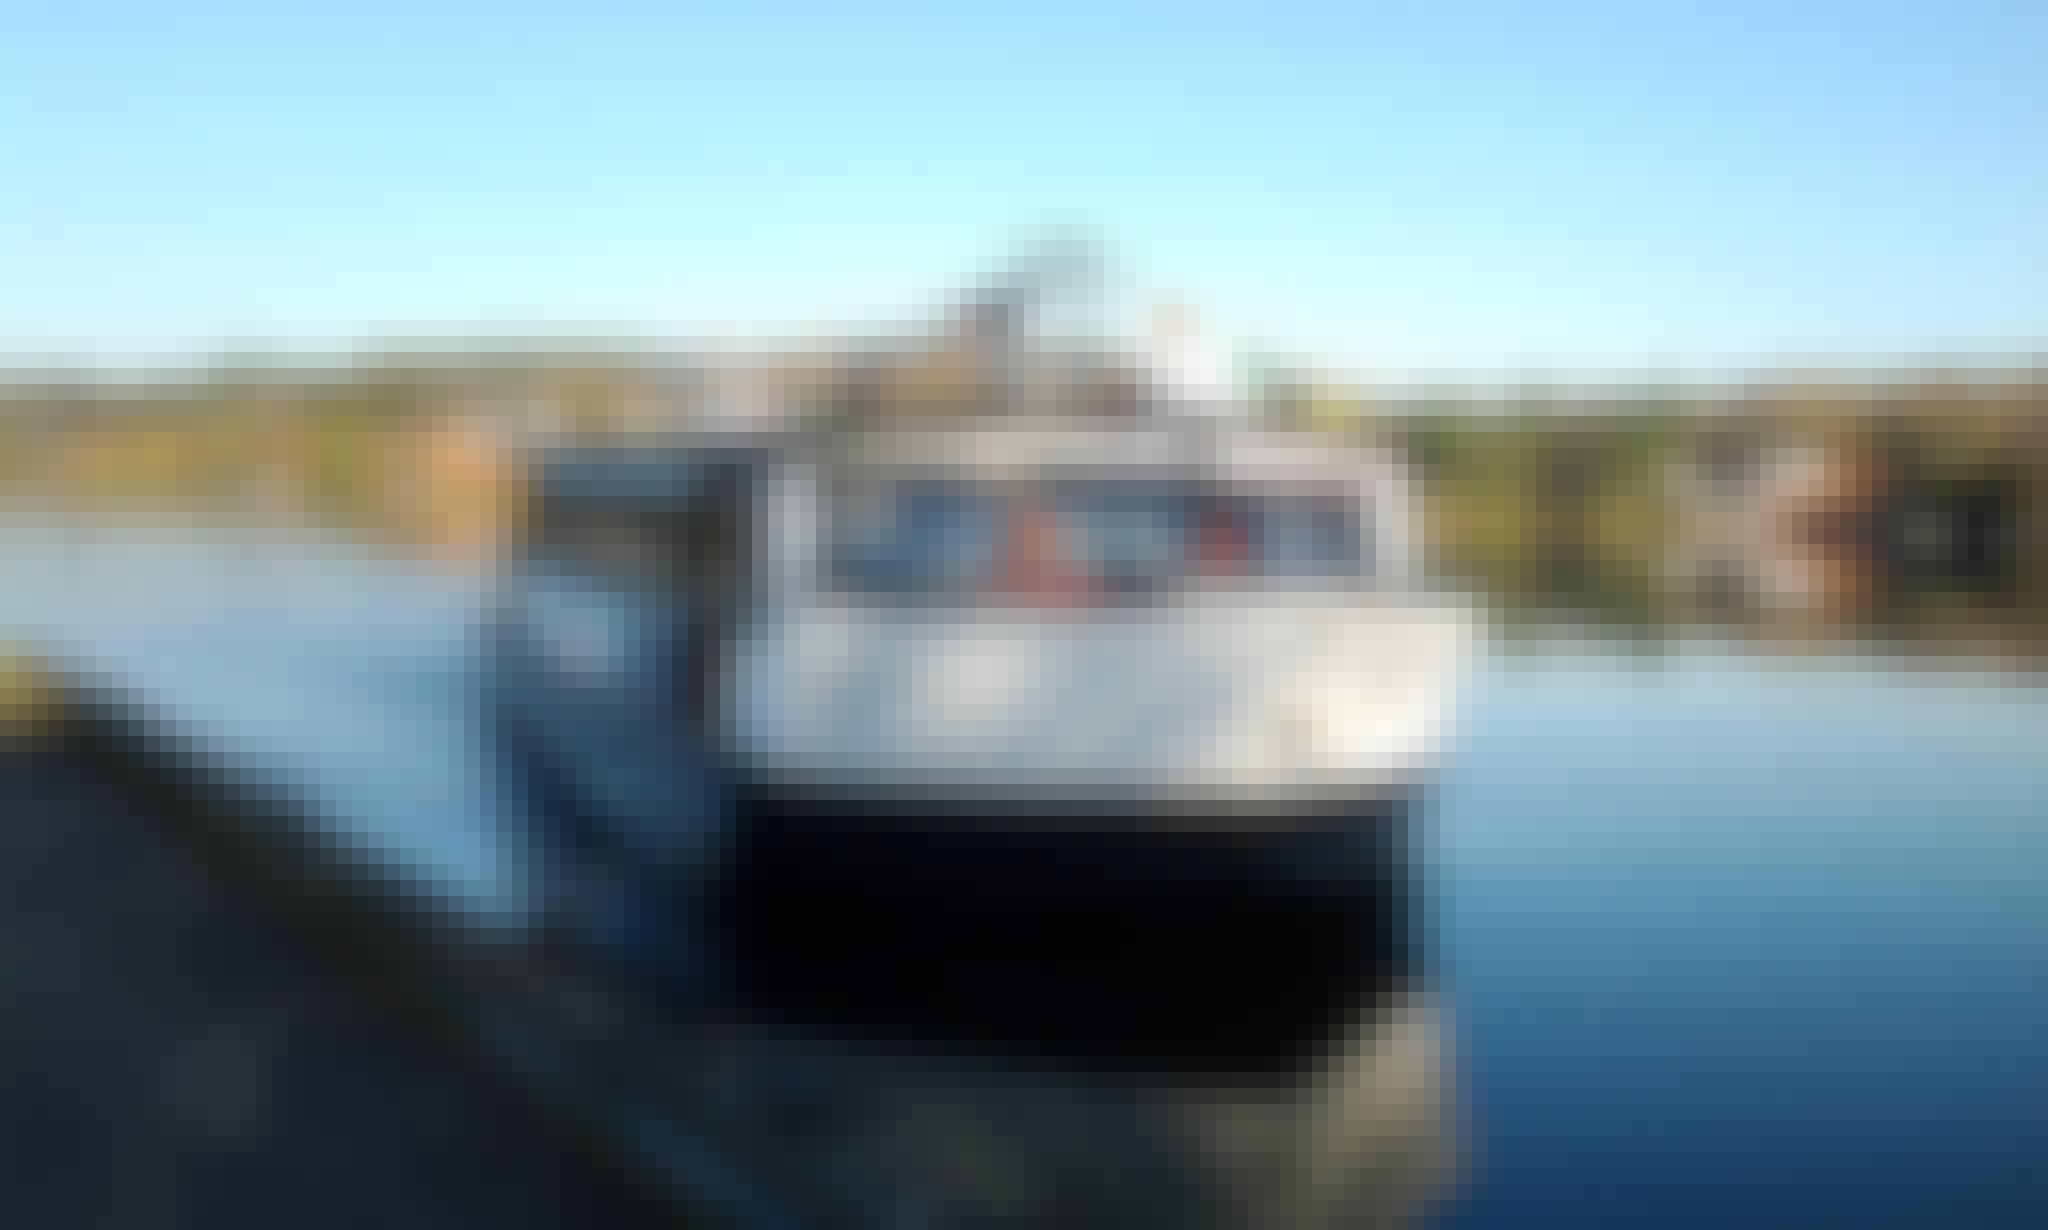 Amazing Boat Tour on Lac Des Sables in Sainte-Agathe-des-Monts